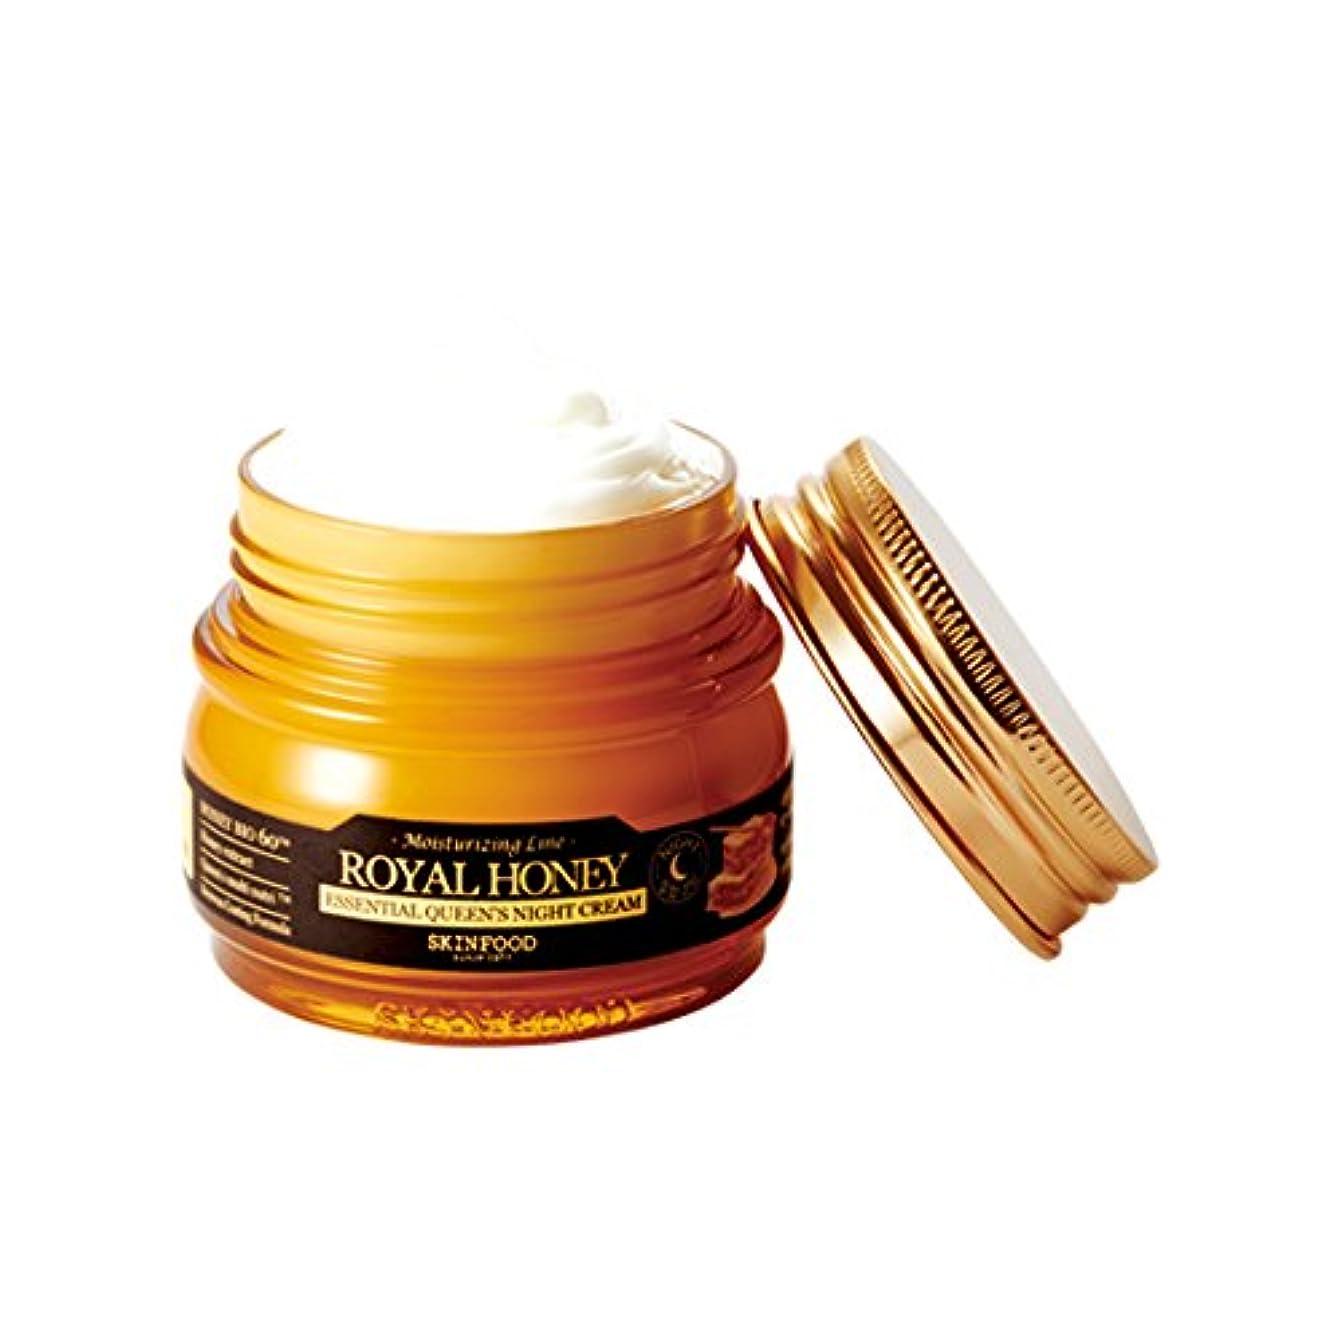 ホールドオール変動するありふれたSKINFOOD Royal Honey Essential Queen's Night Cream 63ml / スキンフード ロイヤルハニーエッセンシャルクイーンズナイトクリーム 63ml [並行輸入品]